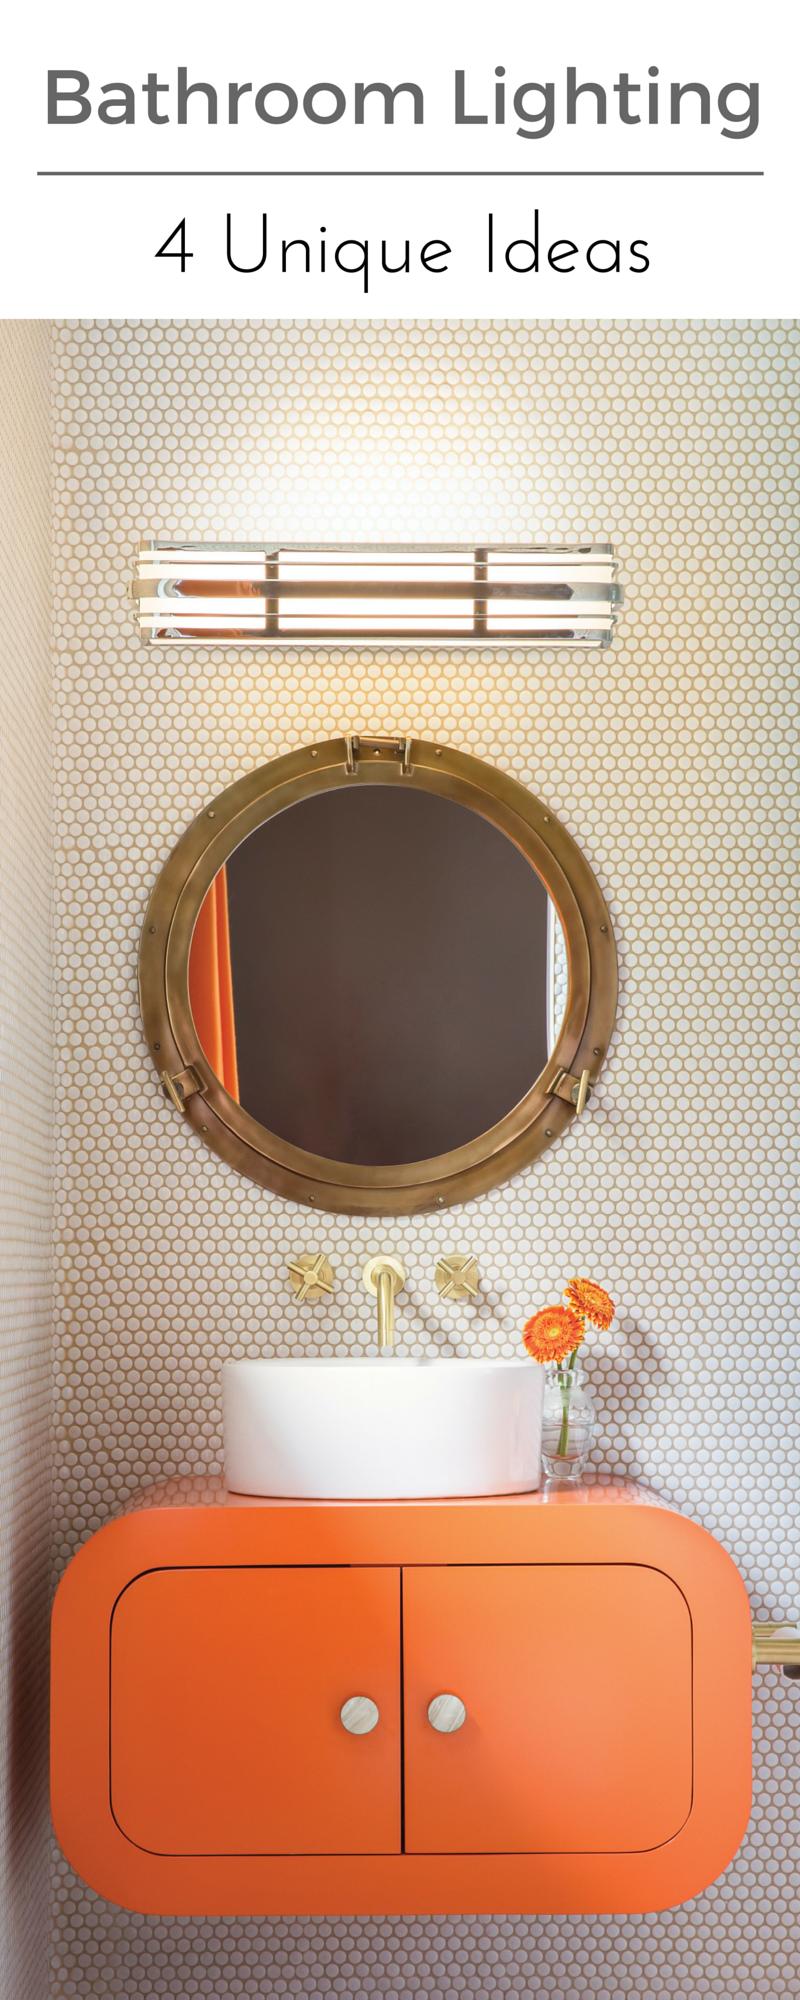 custom bathroom lighting. Find Your Bathroom Lighting Style 4 Custom Bathrooms To Inspire | Awe-Inspiring Pinterest Orange Bathrooms, Vanities And C